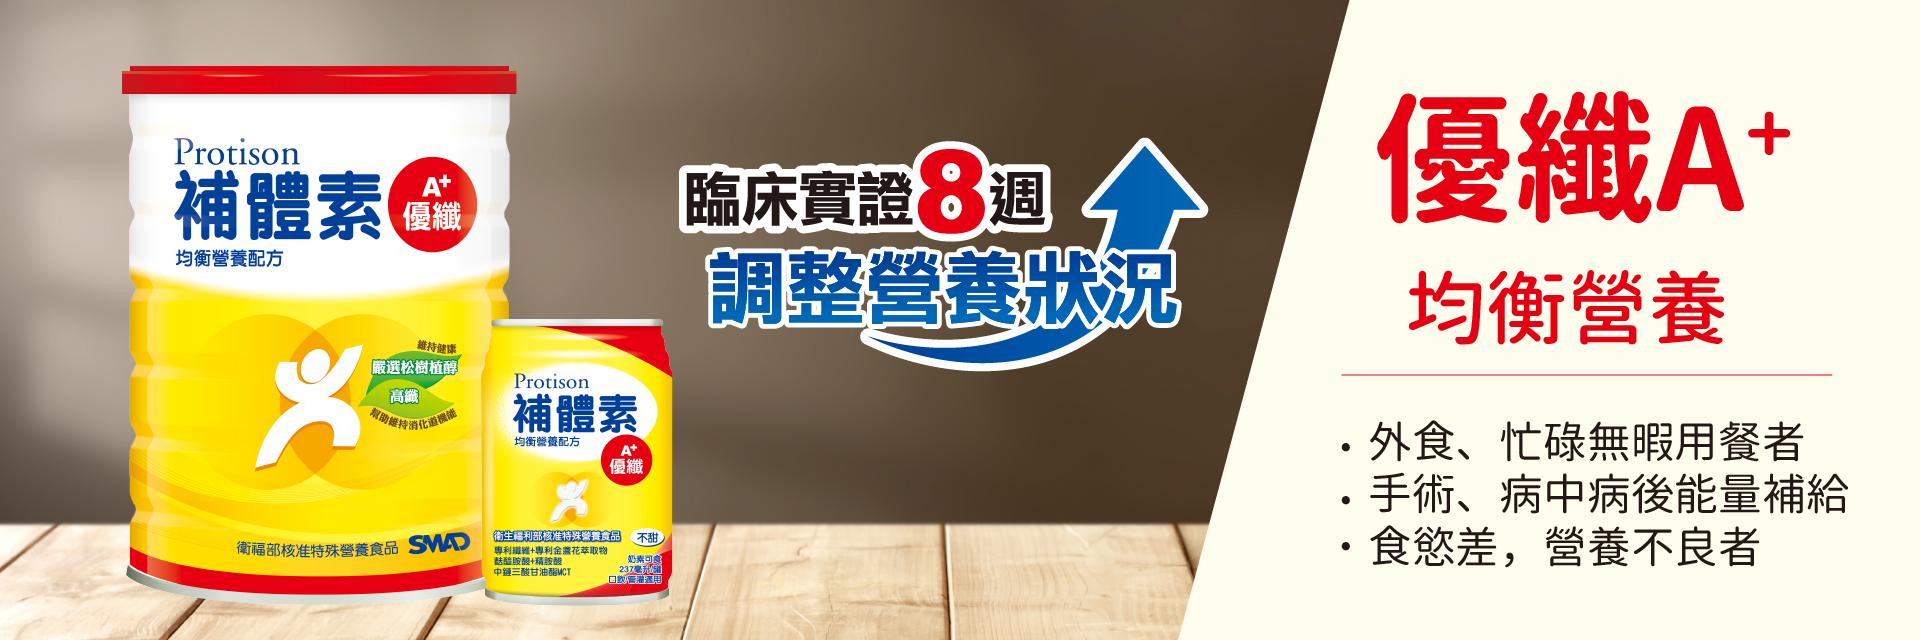 補體素優纖A+是衛福部核准的均衡營養配方的營養品